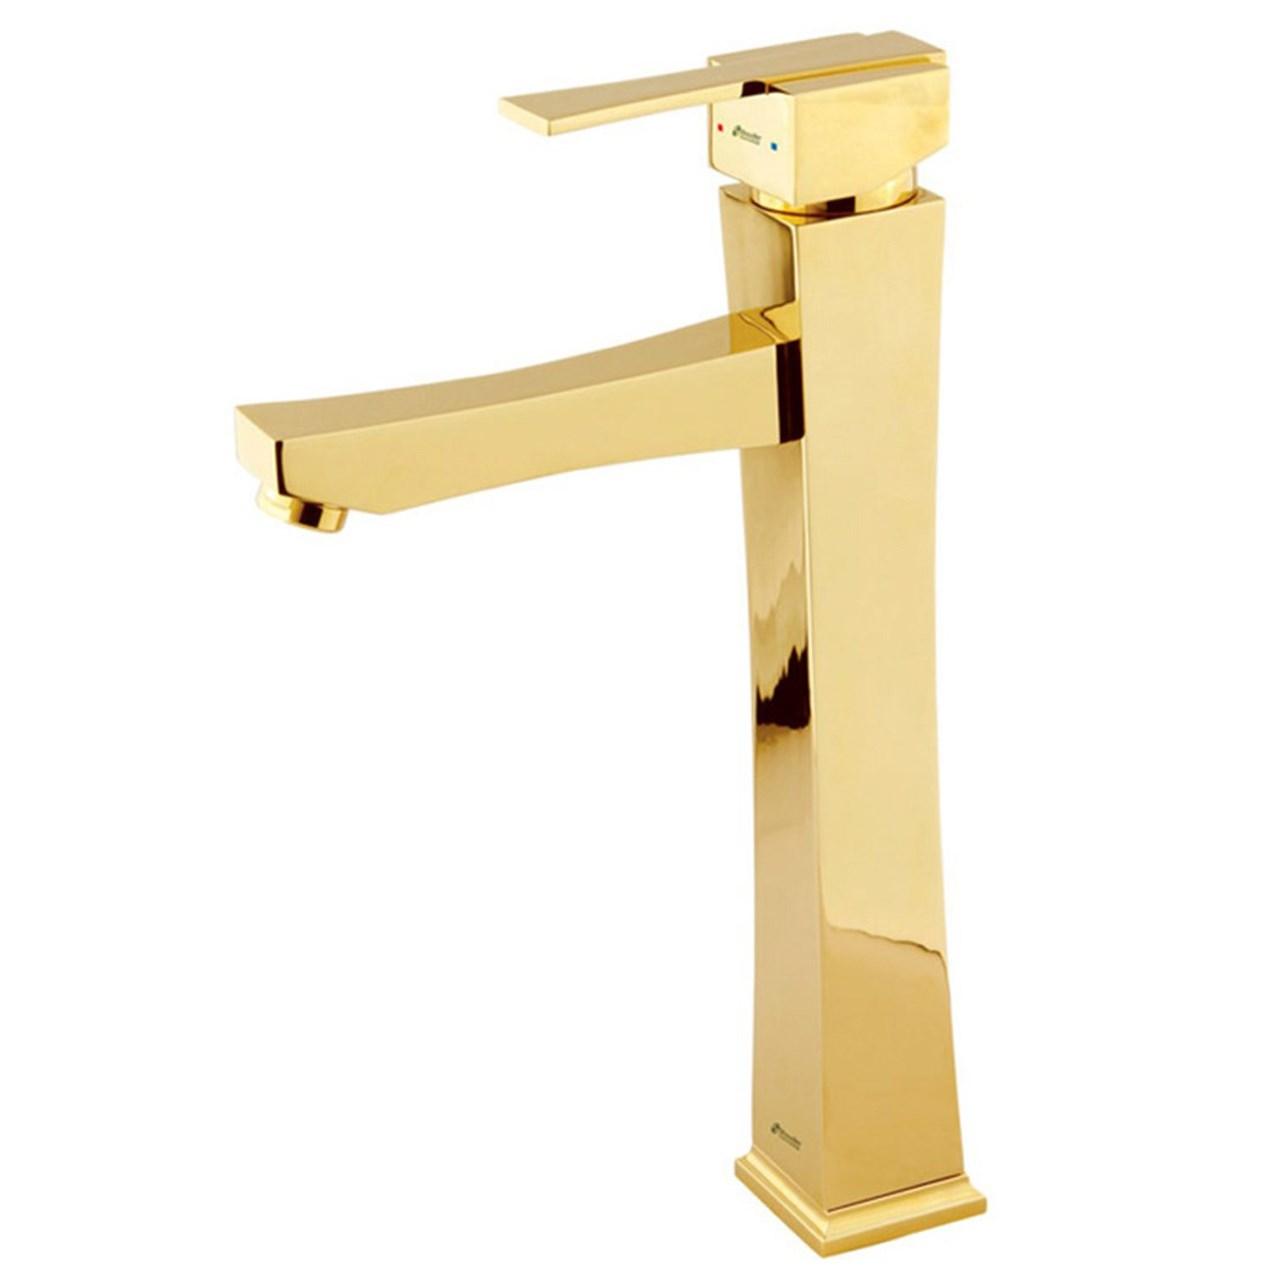 شیر روشویی پایه بلند شودر مدل ایمپرو رنگ طلایی براق